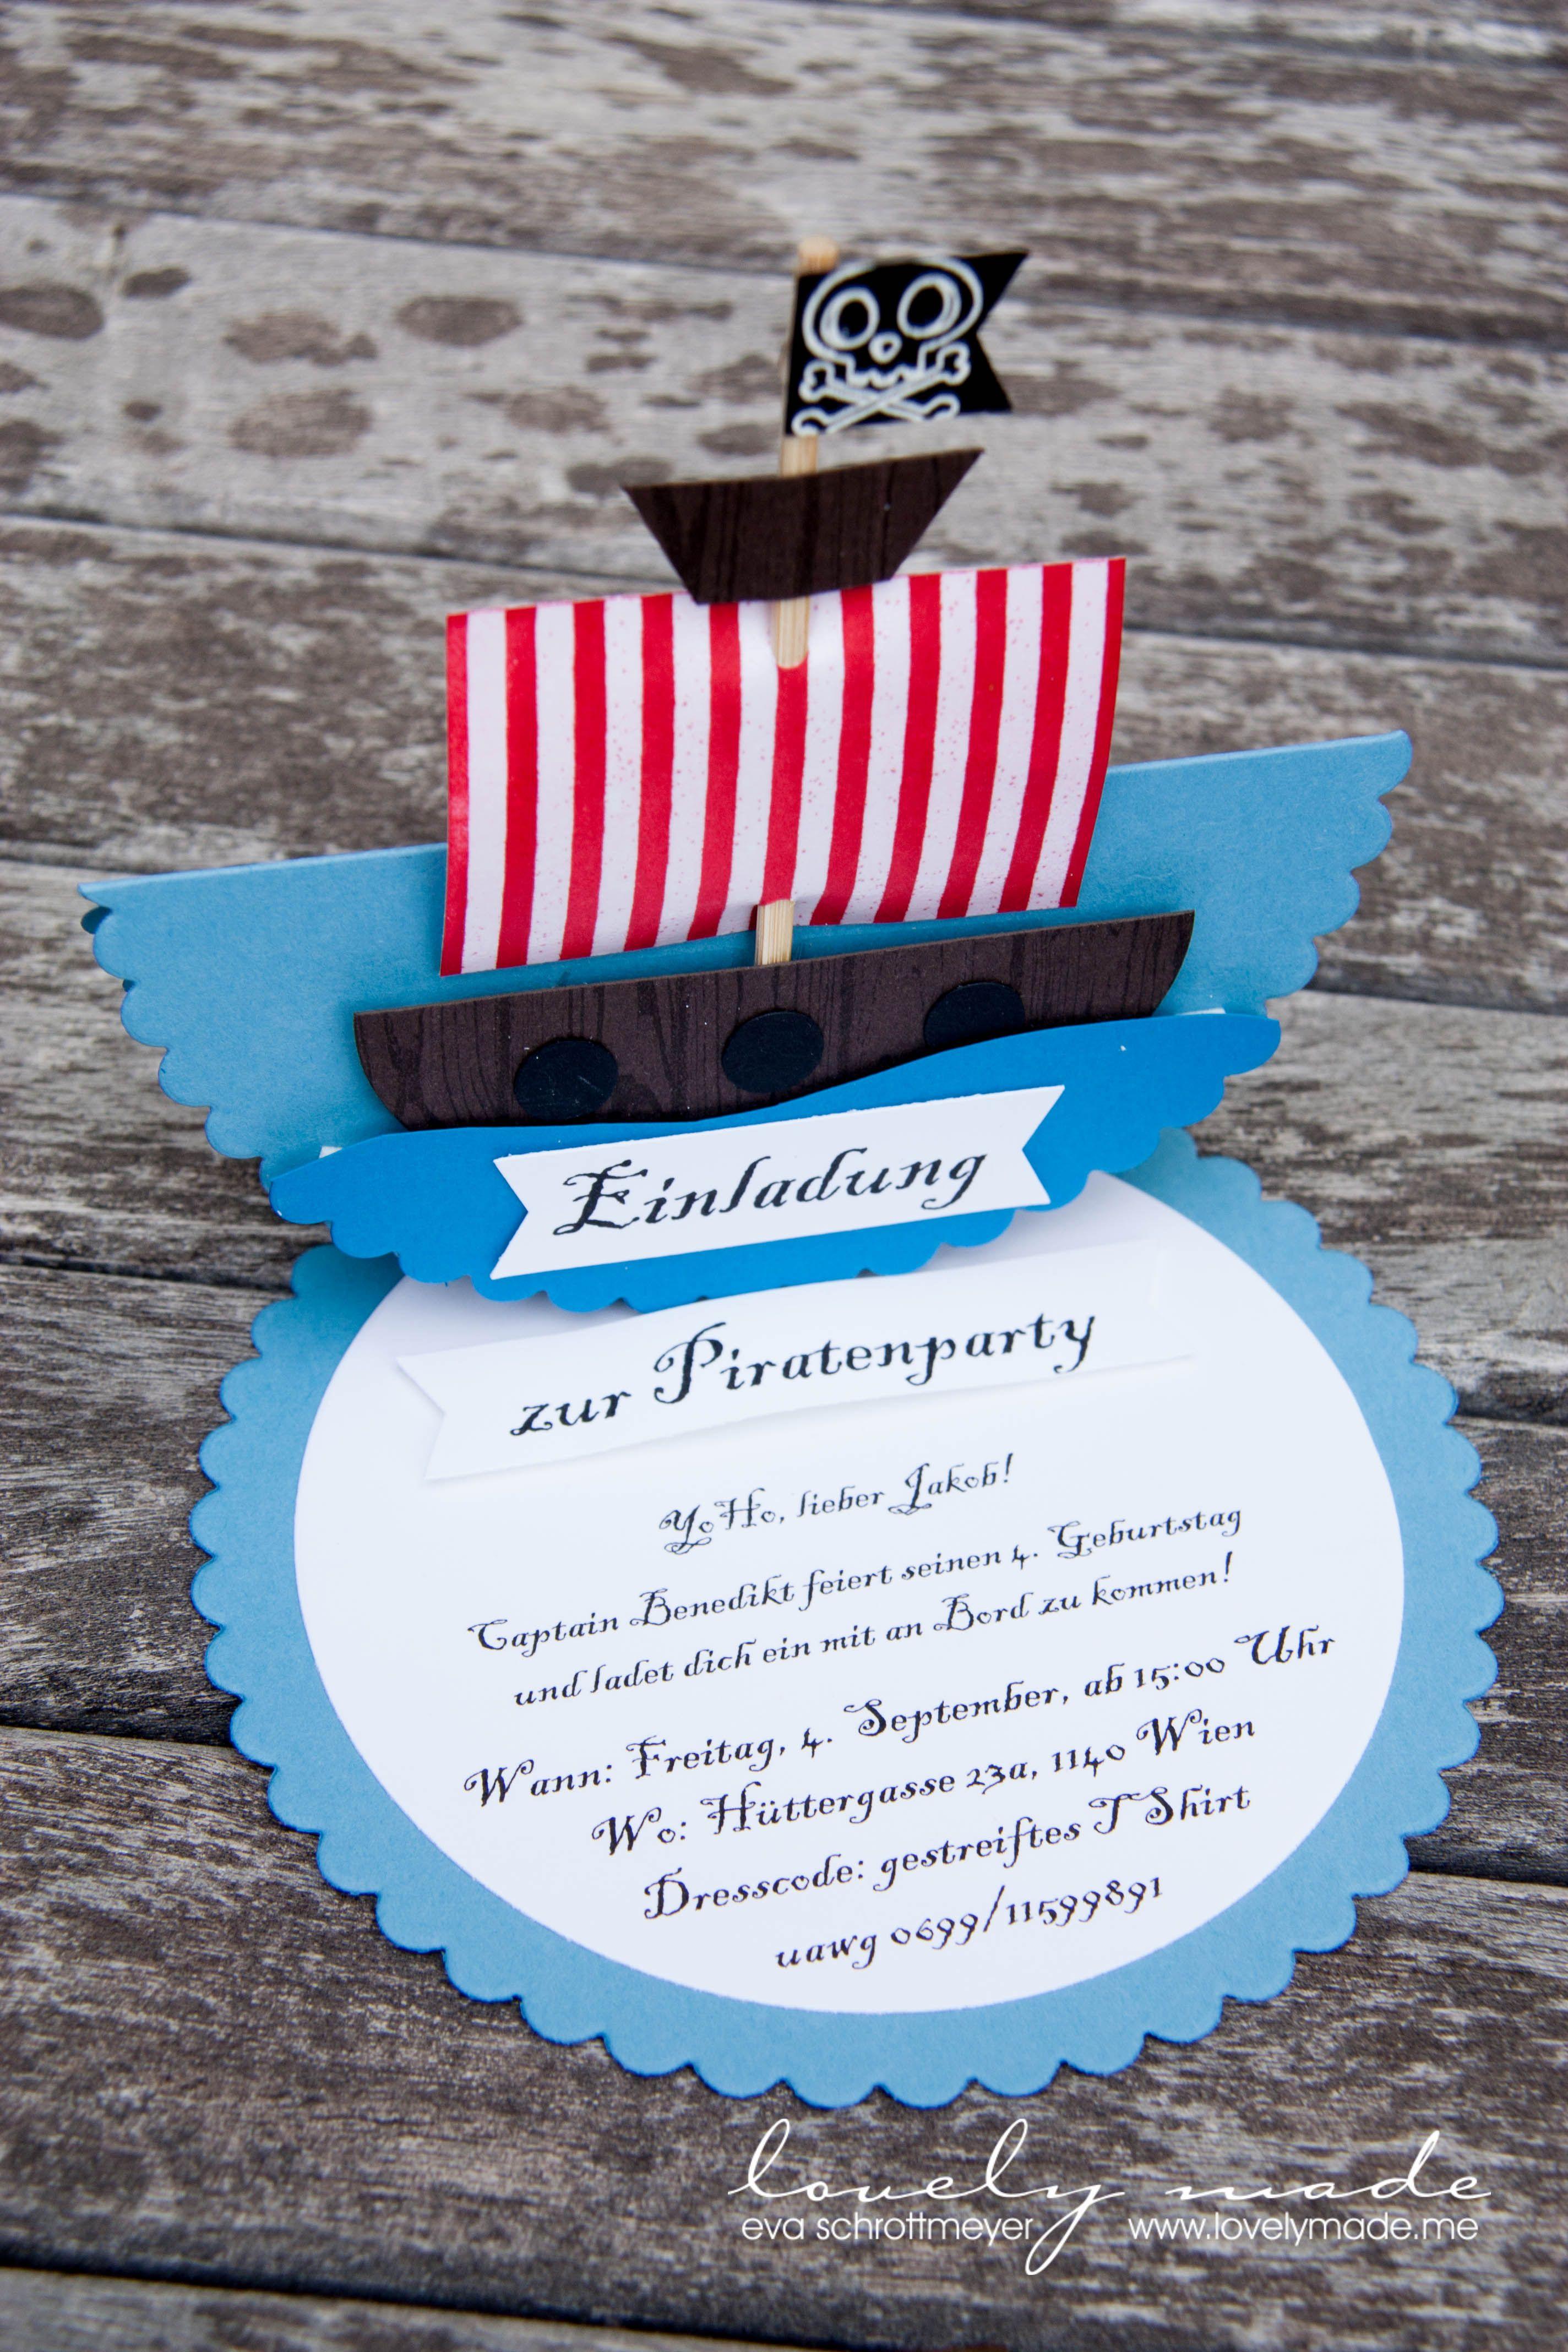 einladung piraten kindergeburtstag einladung pinterest. Black Bedroom Furniture Sets. Home Design Ideas